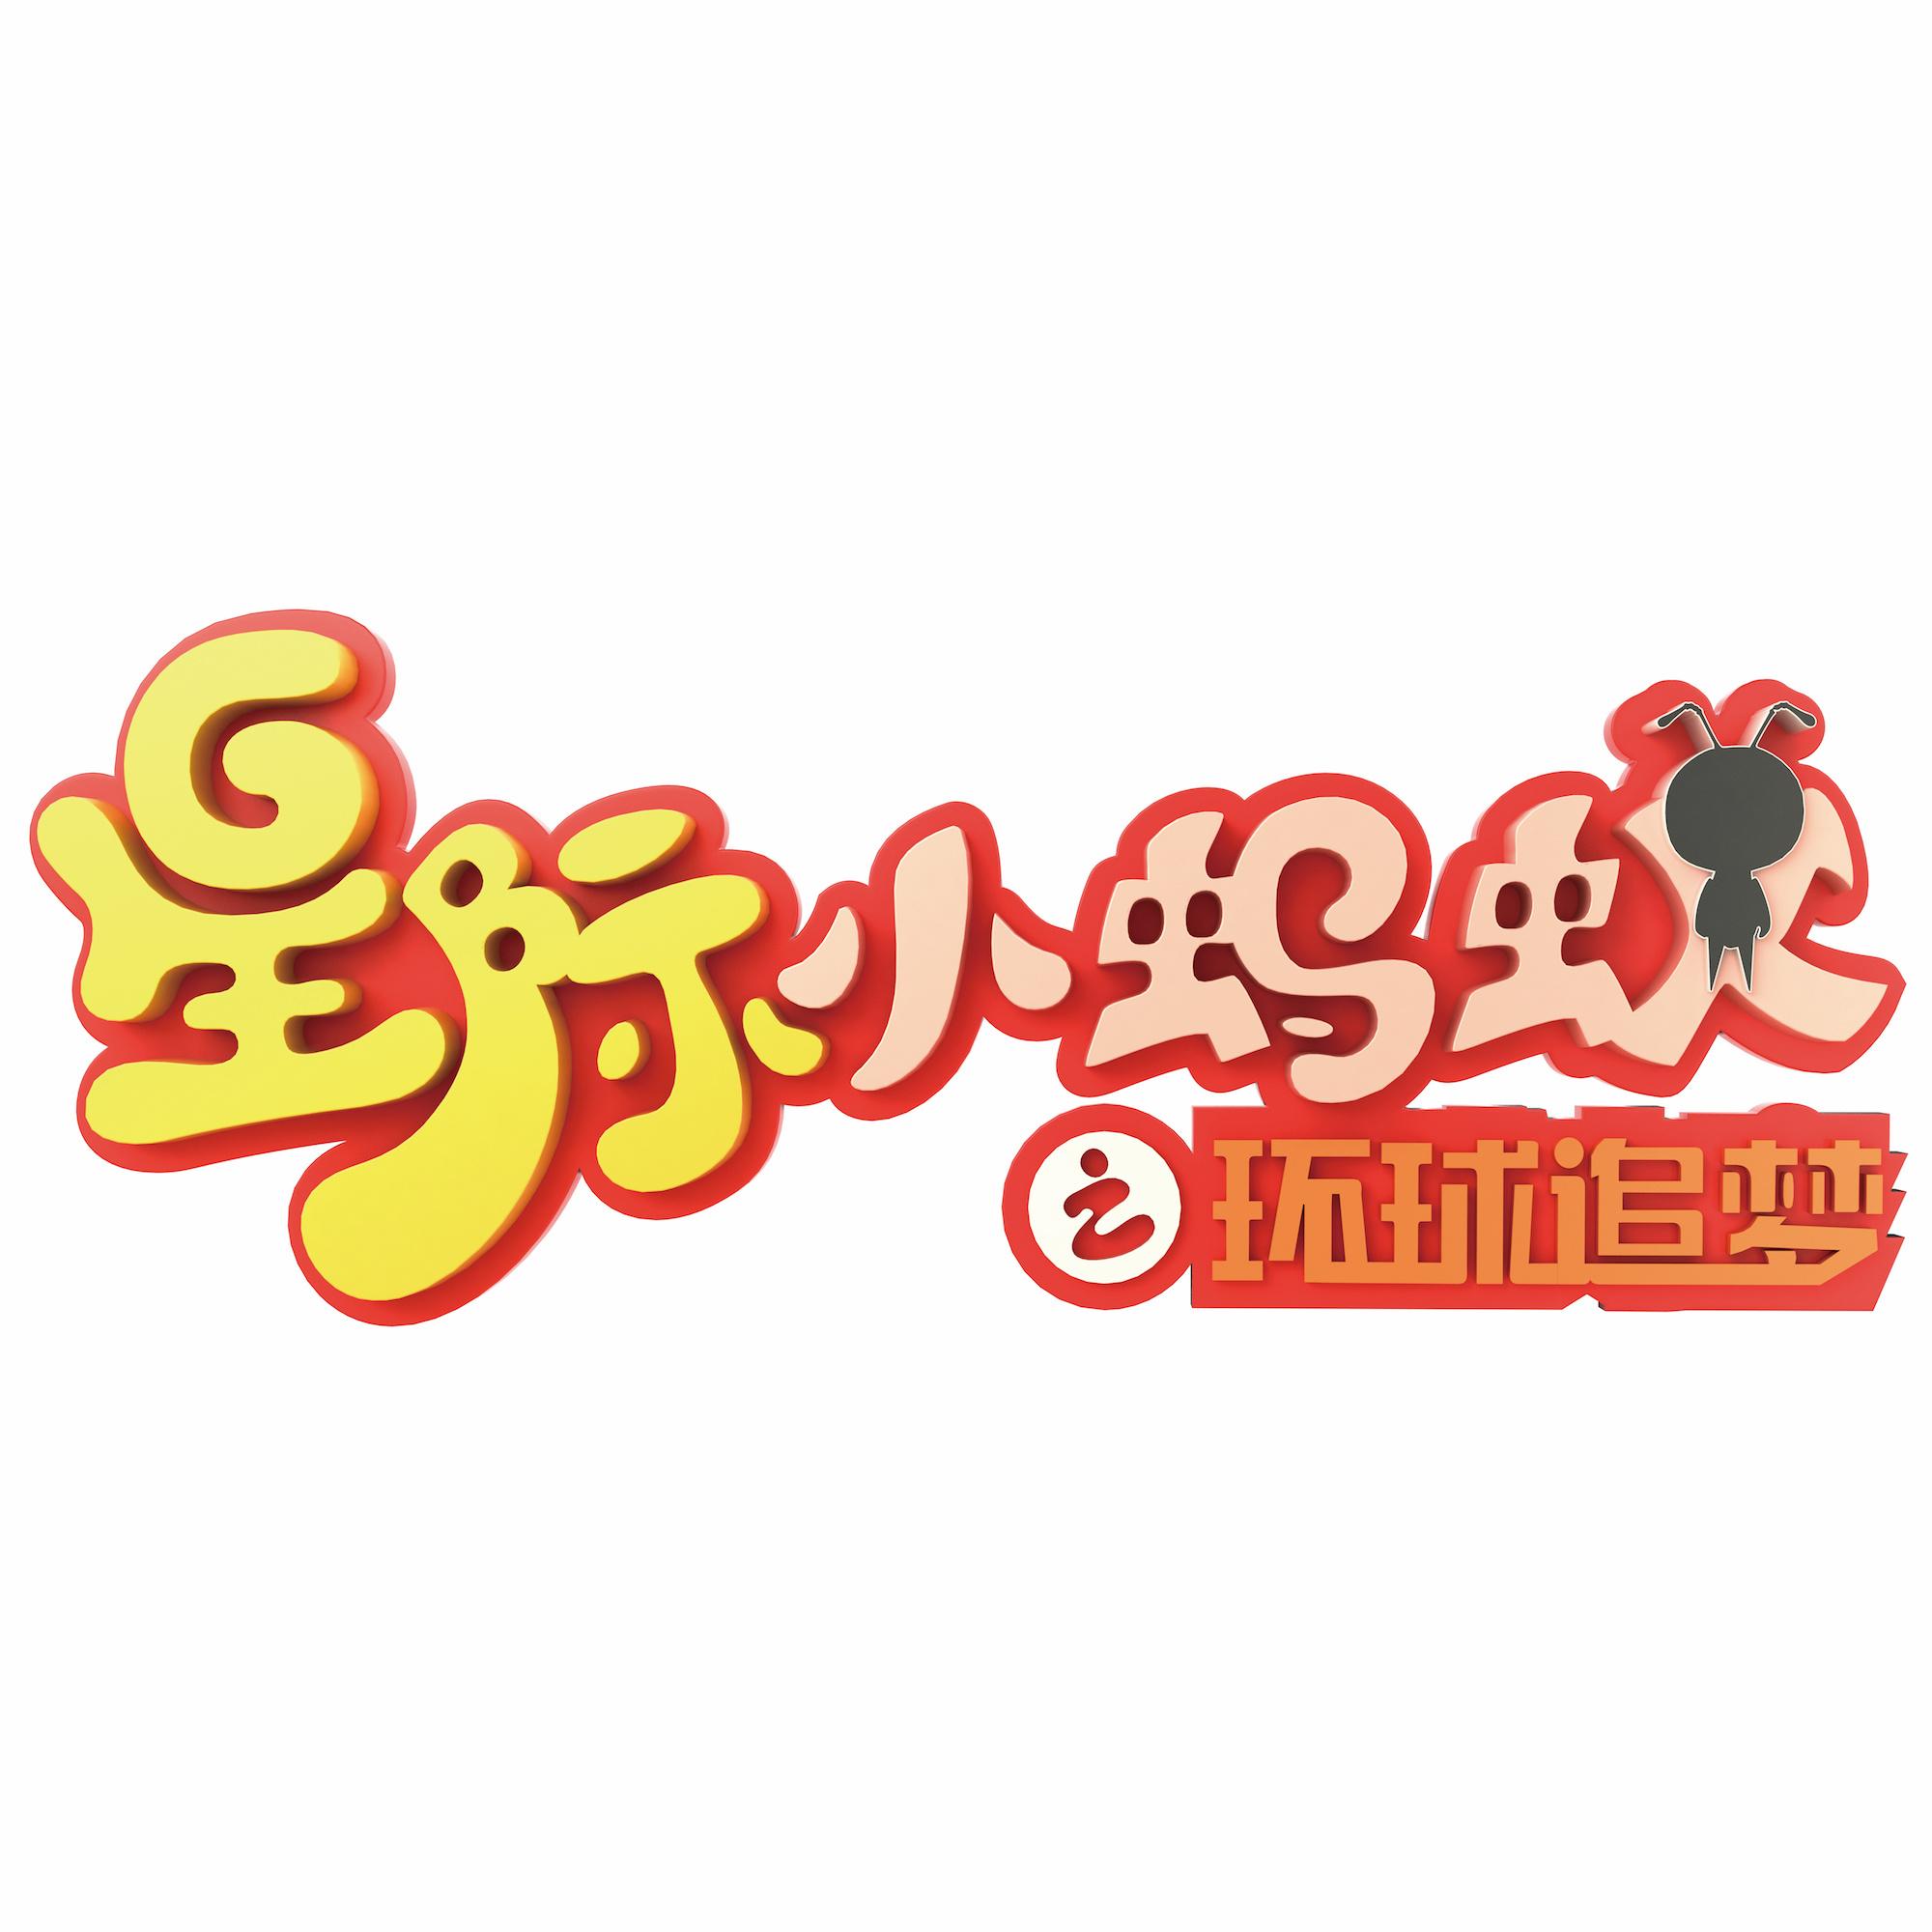 深圳市前海小蚂蚁文化传媒有限公司 最新采购和商业信息